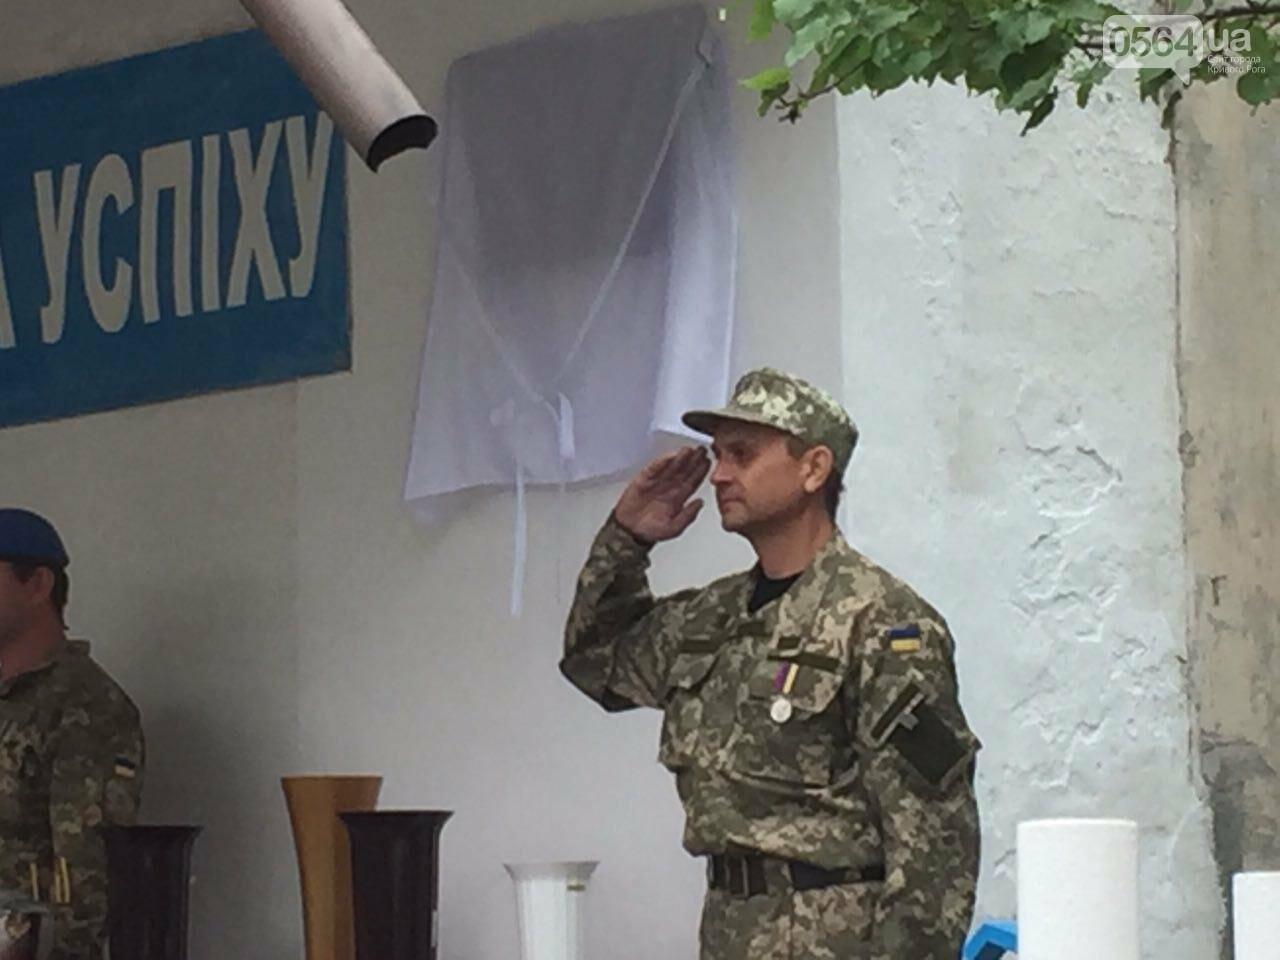 В Кривом Роге память о бойце АТО - Смайлике увековечили в мраморе (ФОТО) , фото-4